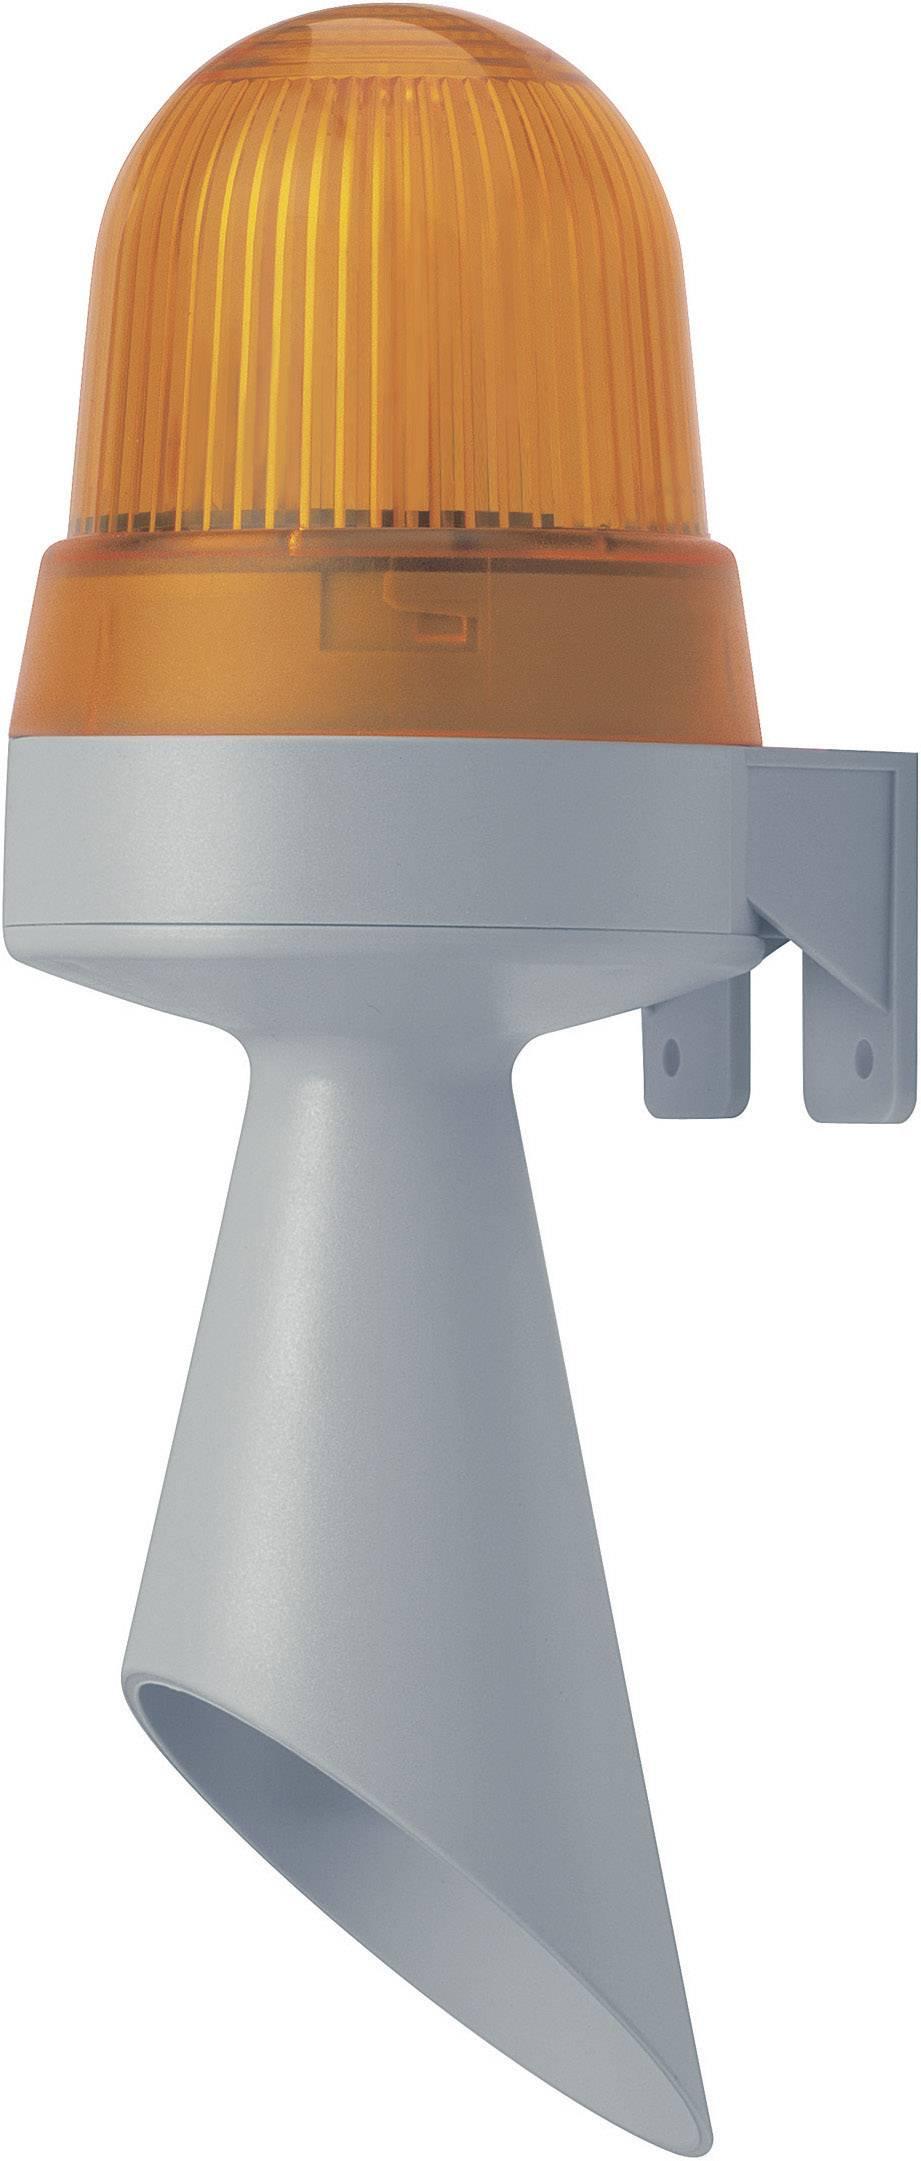 Kombinované signalizačné zariadenie LED Werma Signaltechnik 42432075, 98 dB, 24 V/DC, trvalé svetlo, žltá